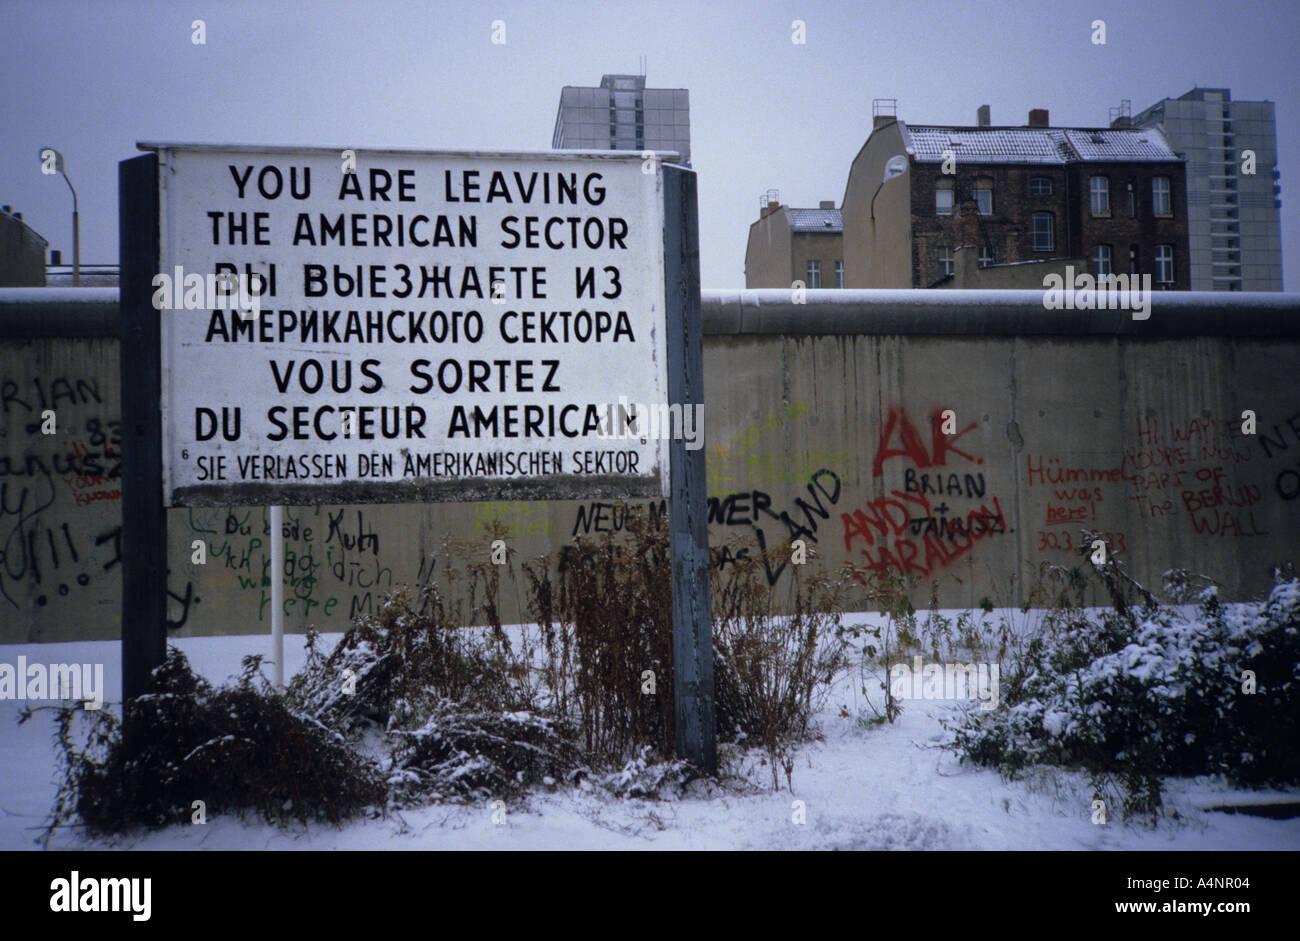 El muro de Berlín en 1984. Signo de que están dejando el sector americano. Cortina de Hierro durante la guerra fría Imagen De Stock